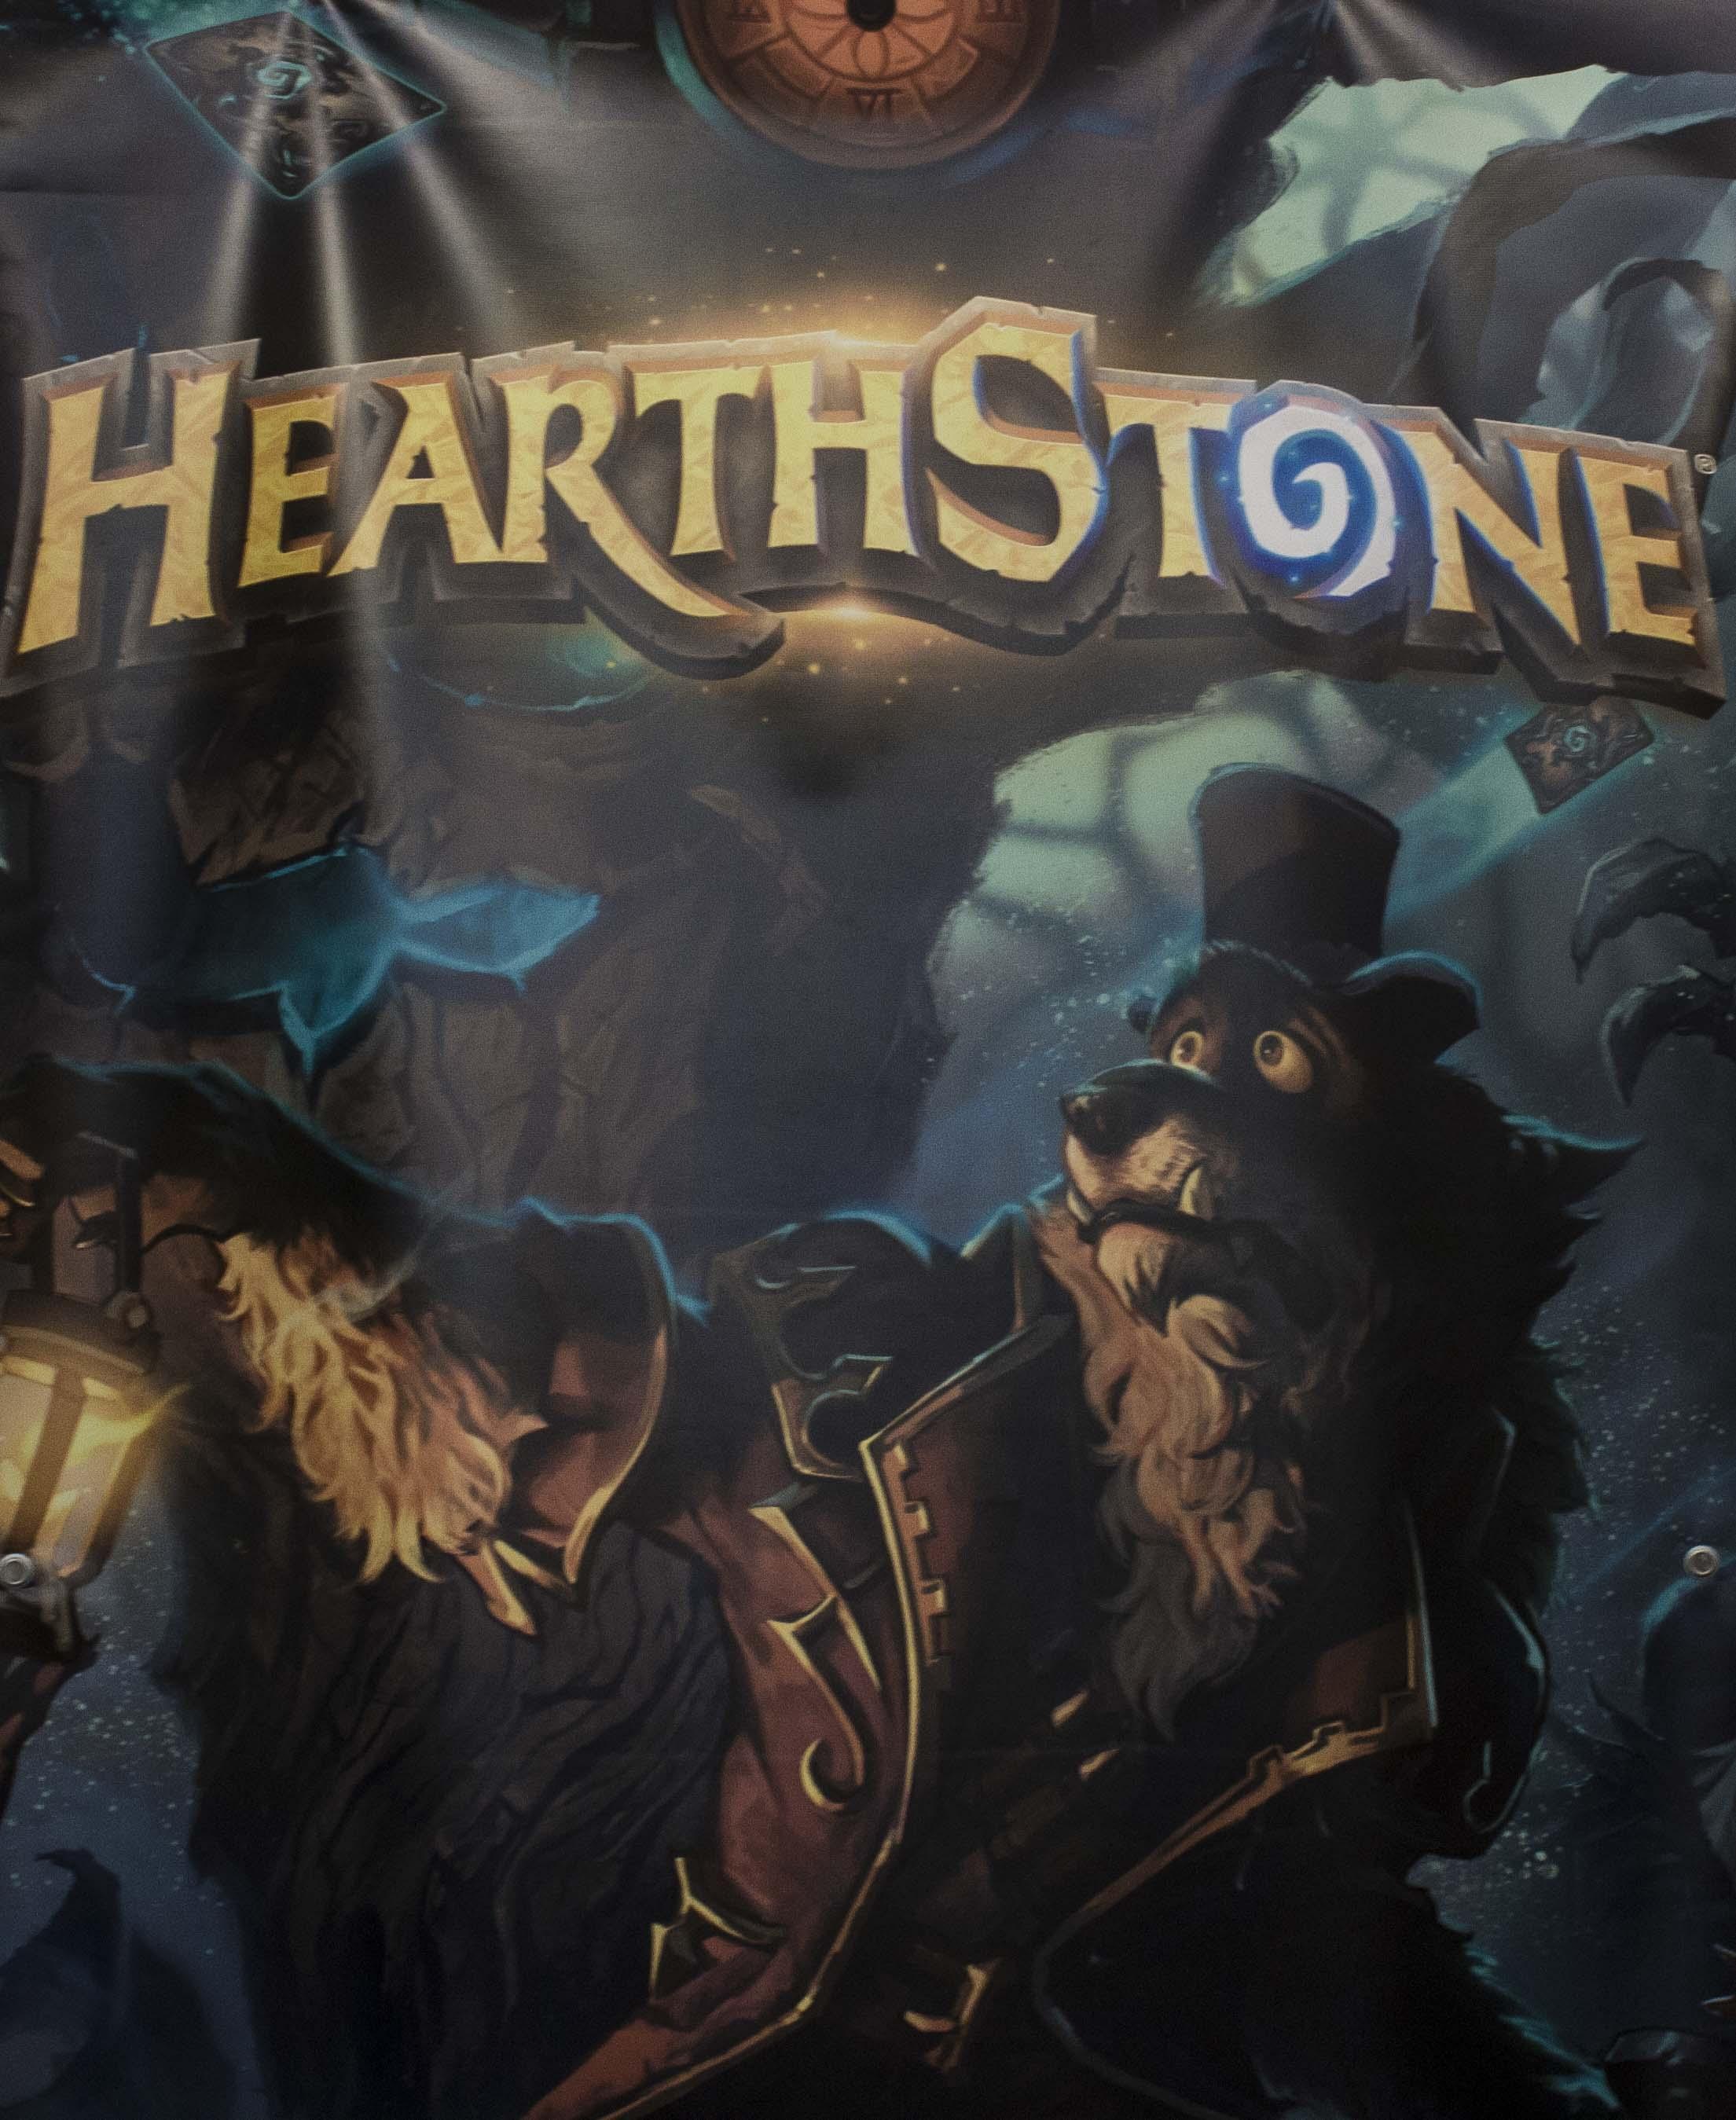 таверны HearthStone в Киеве, турнир по HearthStone в Киеве, где поиграть HearthStone Киев